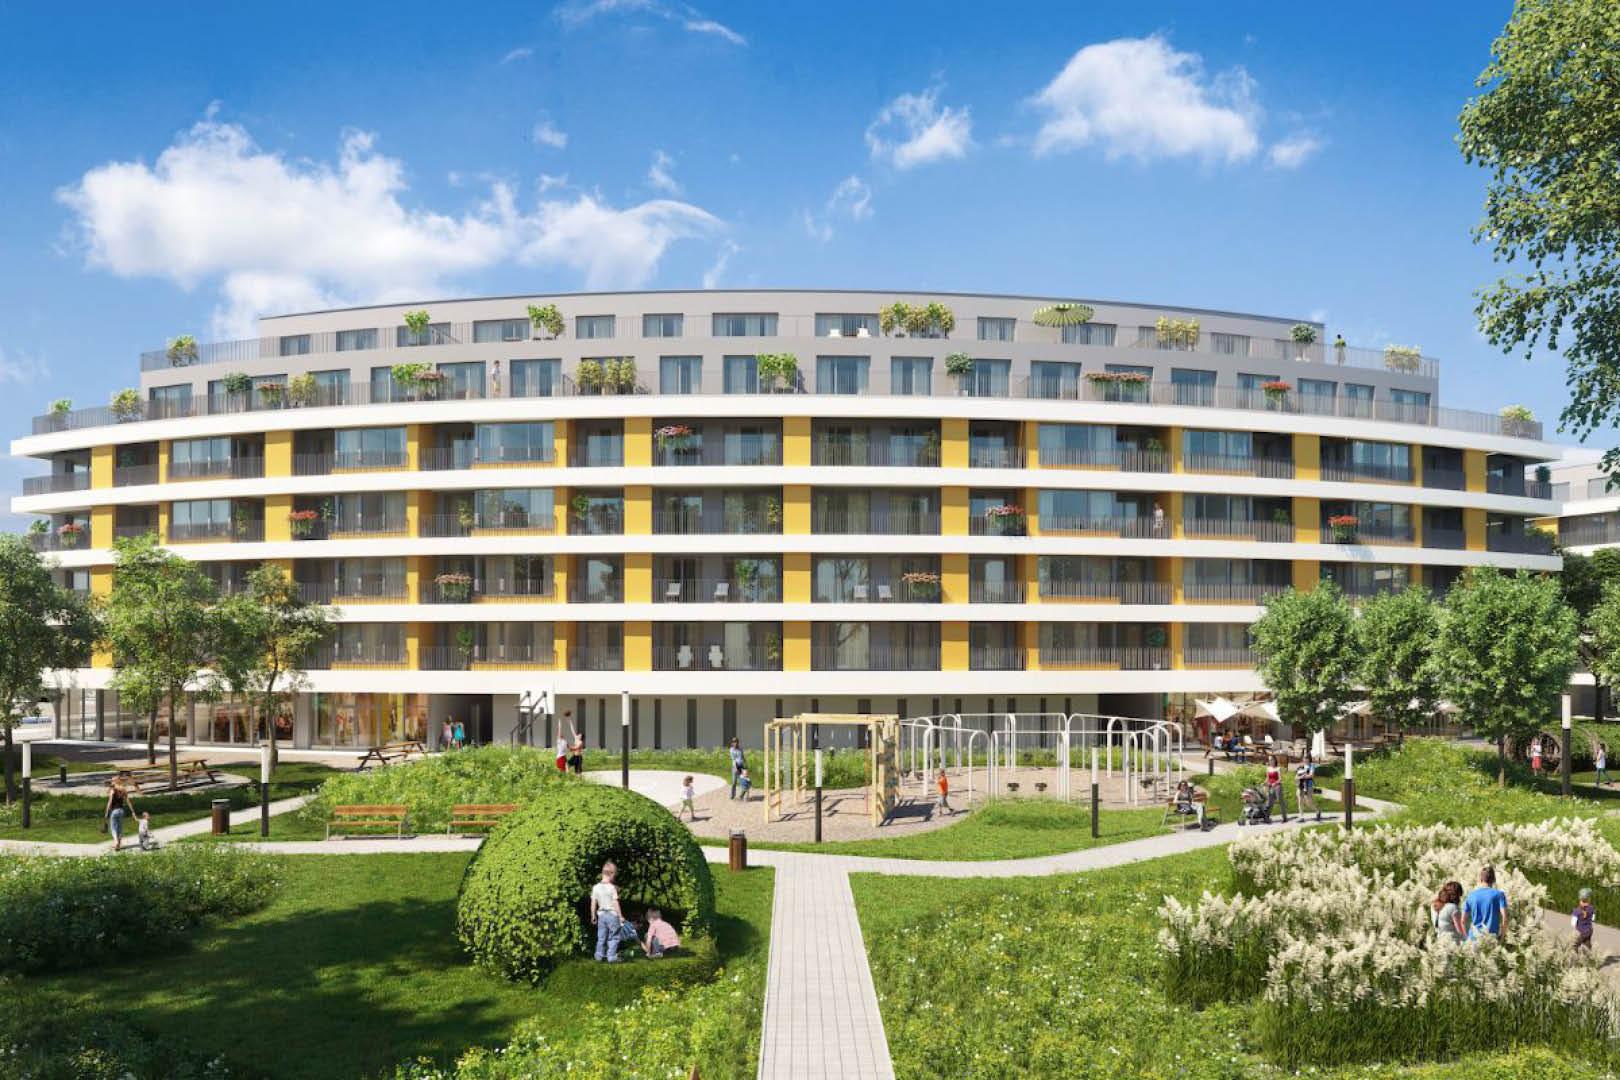 PREDANÉ | 2 izbový byt | Nový Ružinov, Bratislava